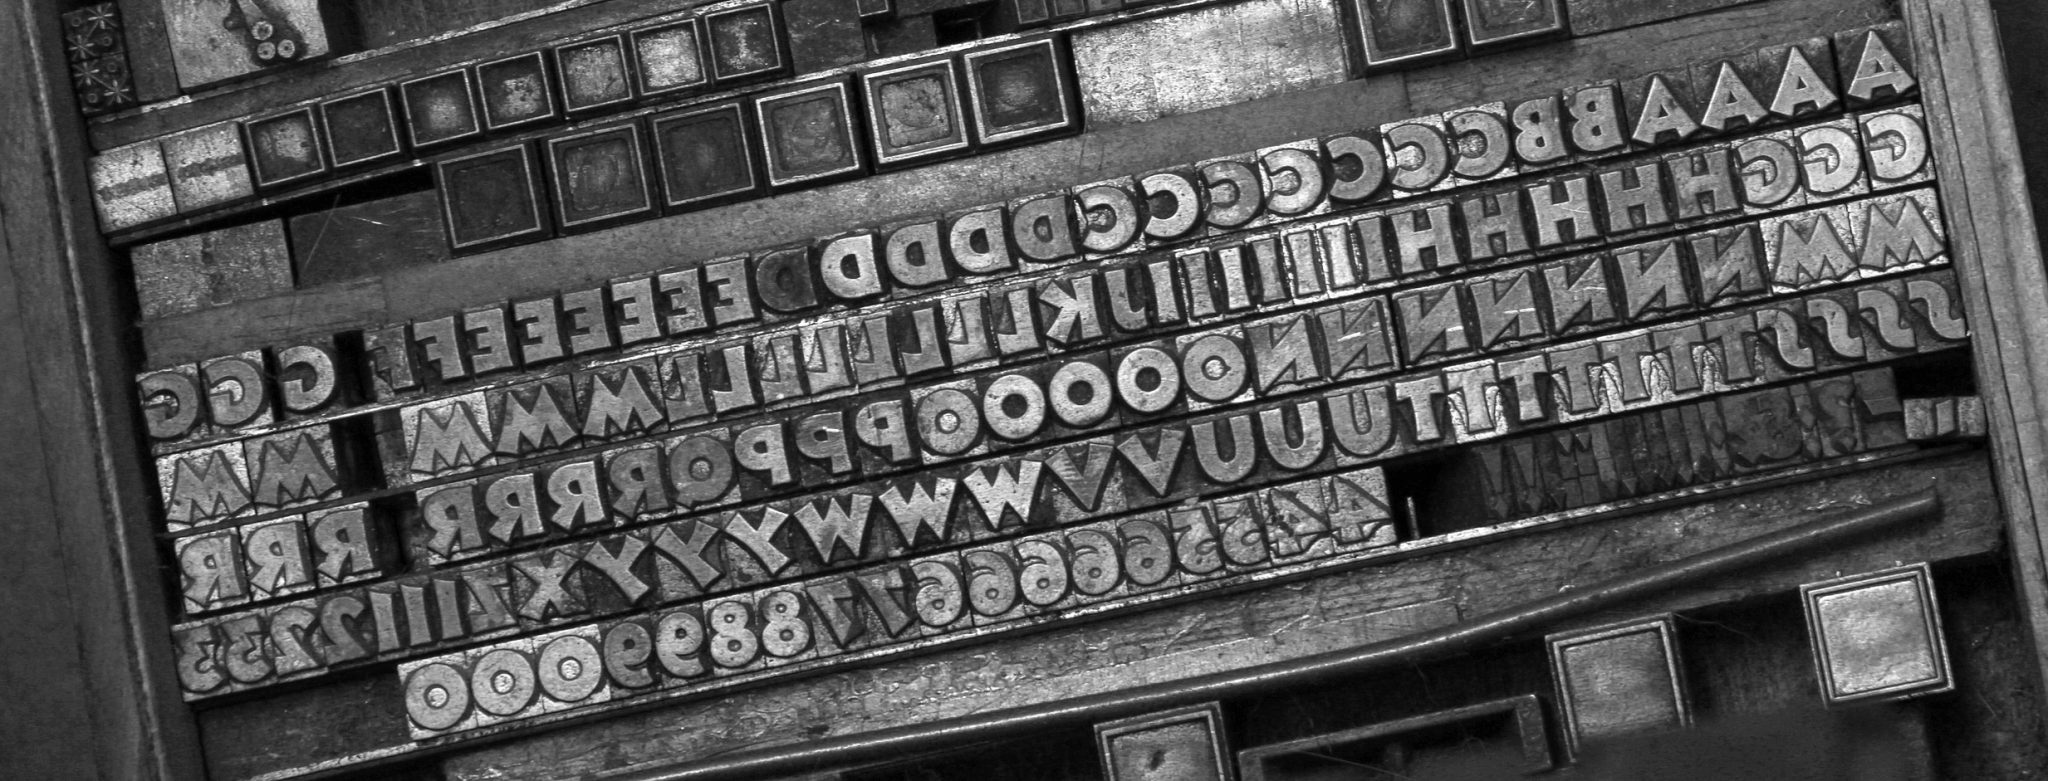 letterpress-header-image-edit